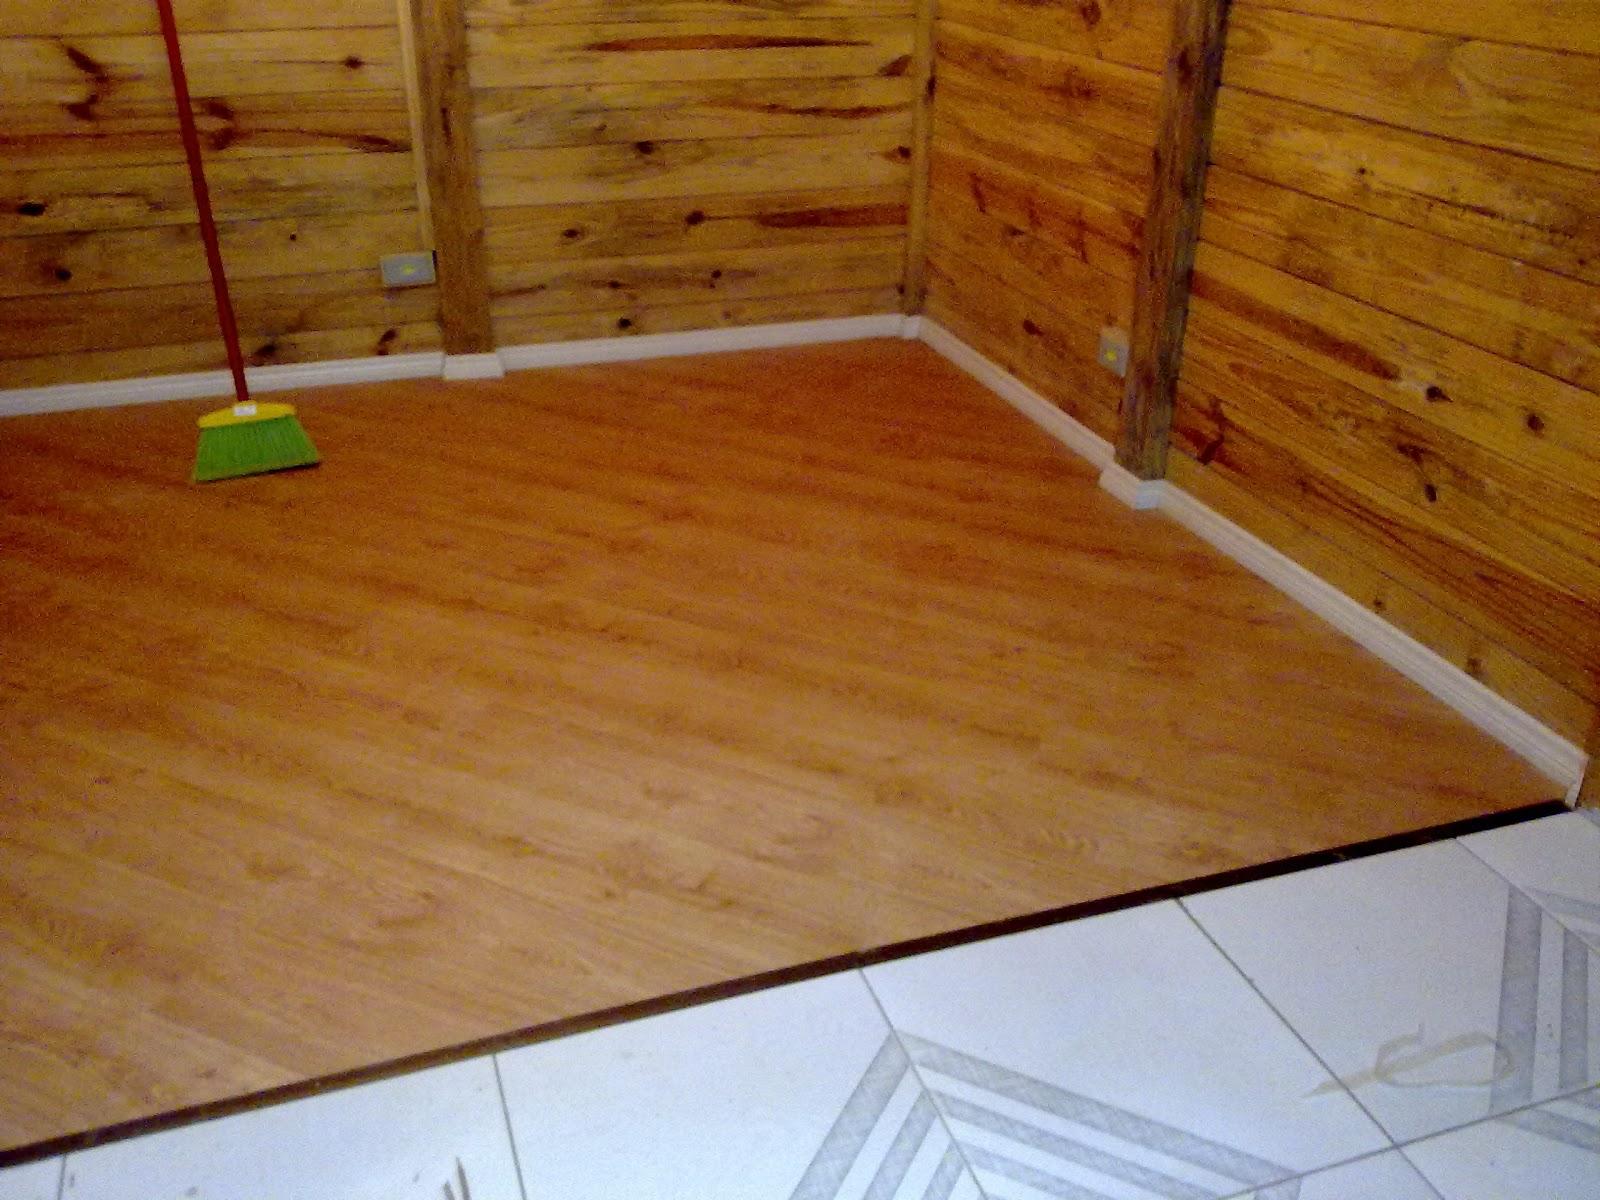 A casa de 2 inteiros e 4 patas piso laminado instalado for Piso laminado instalado